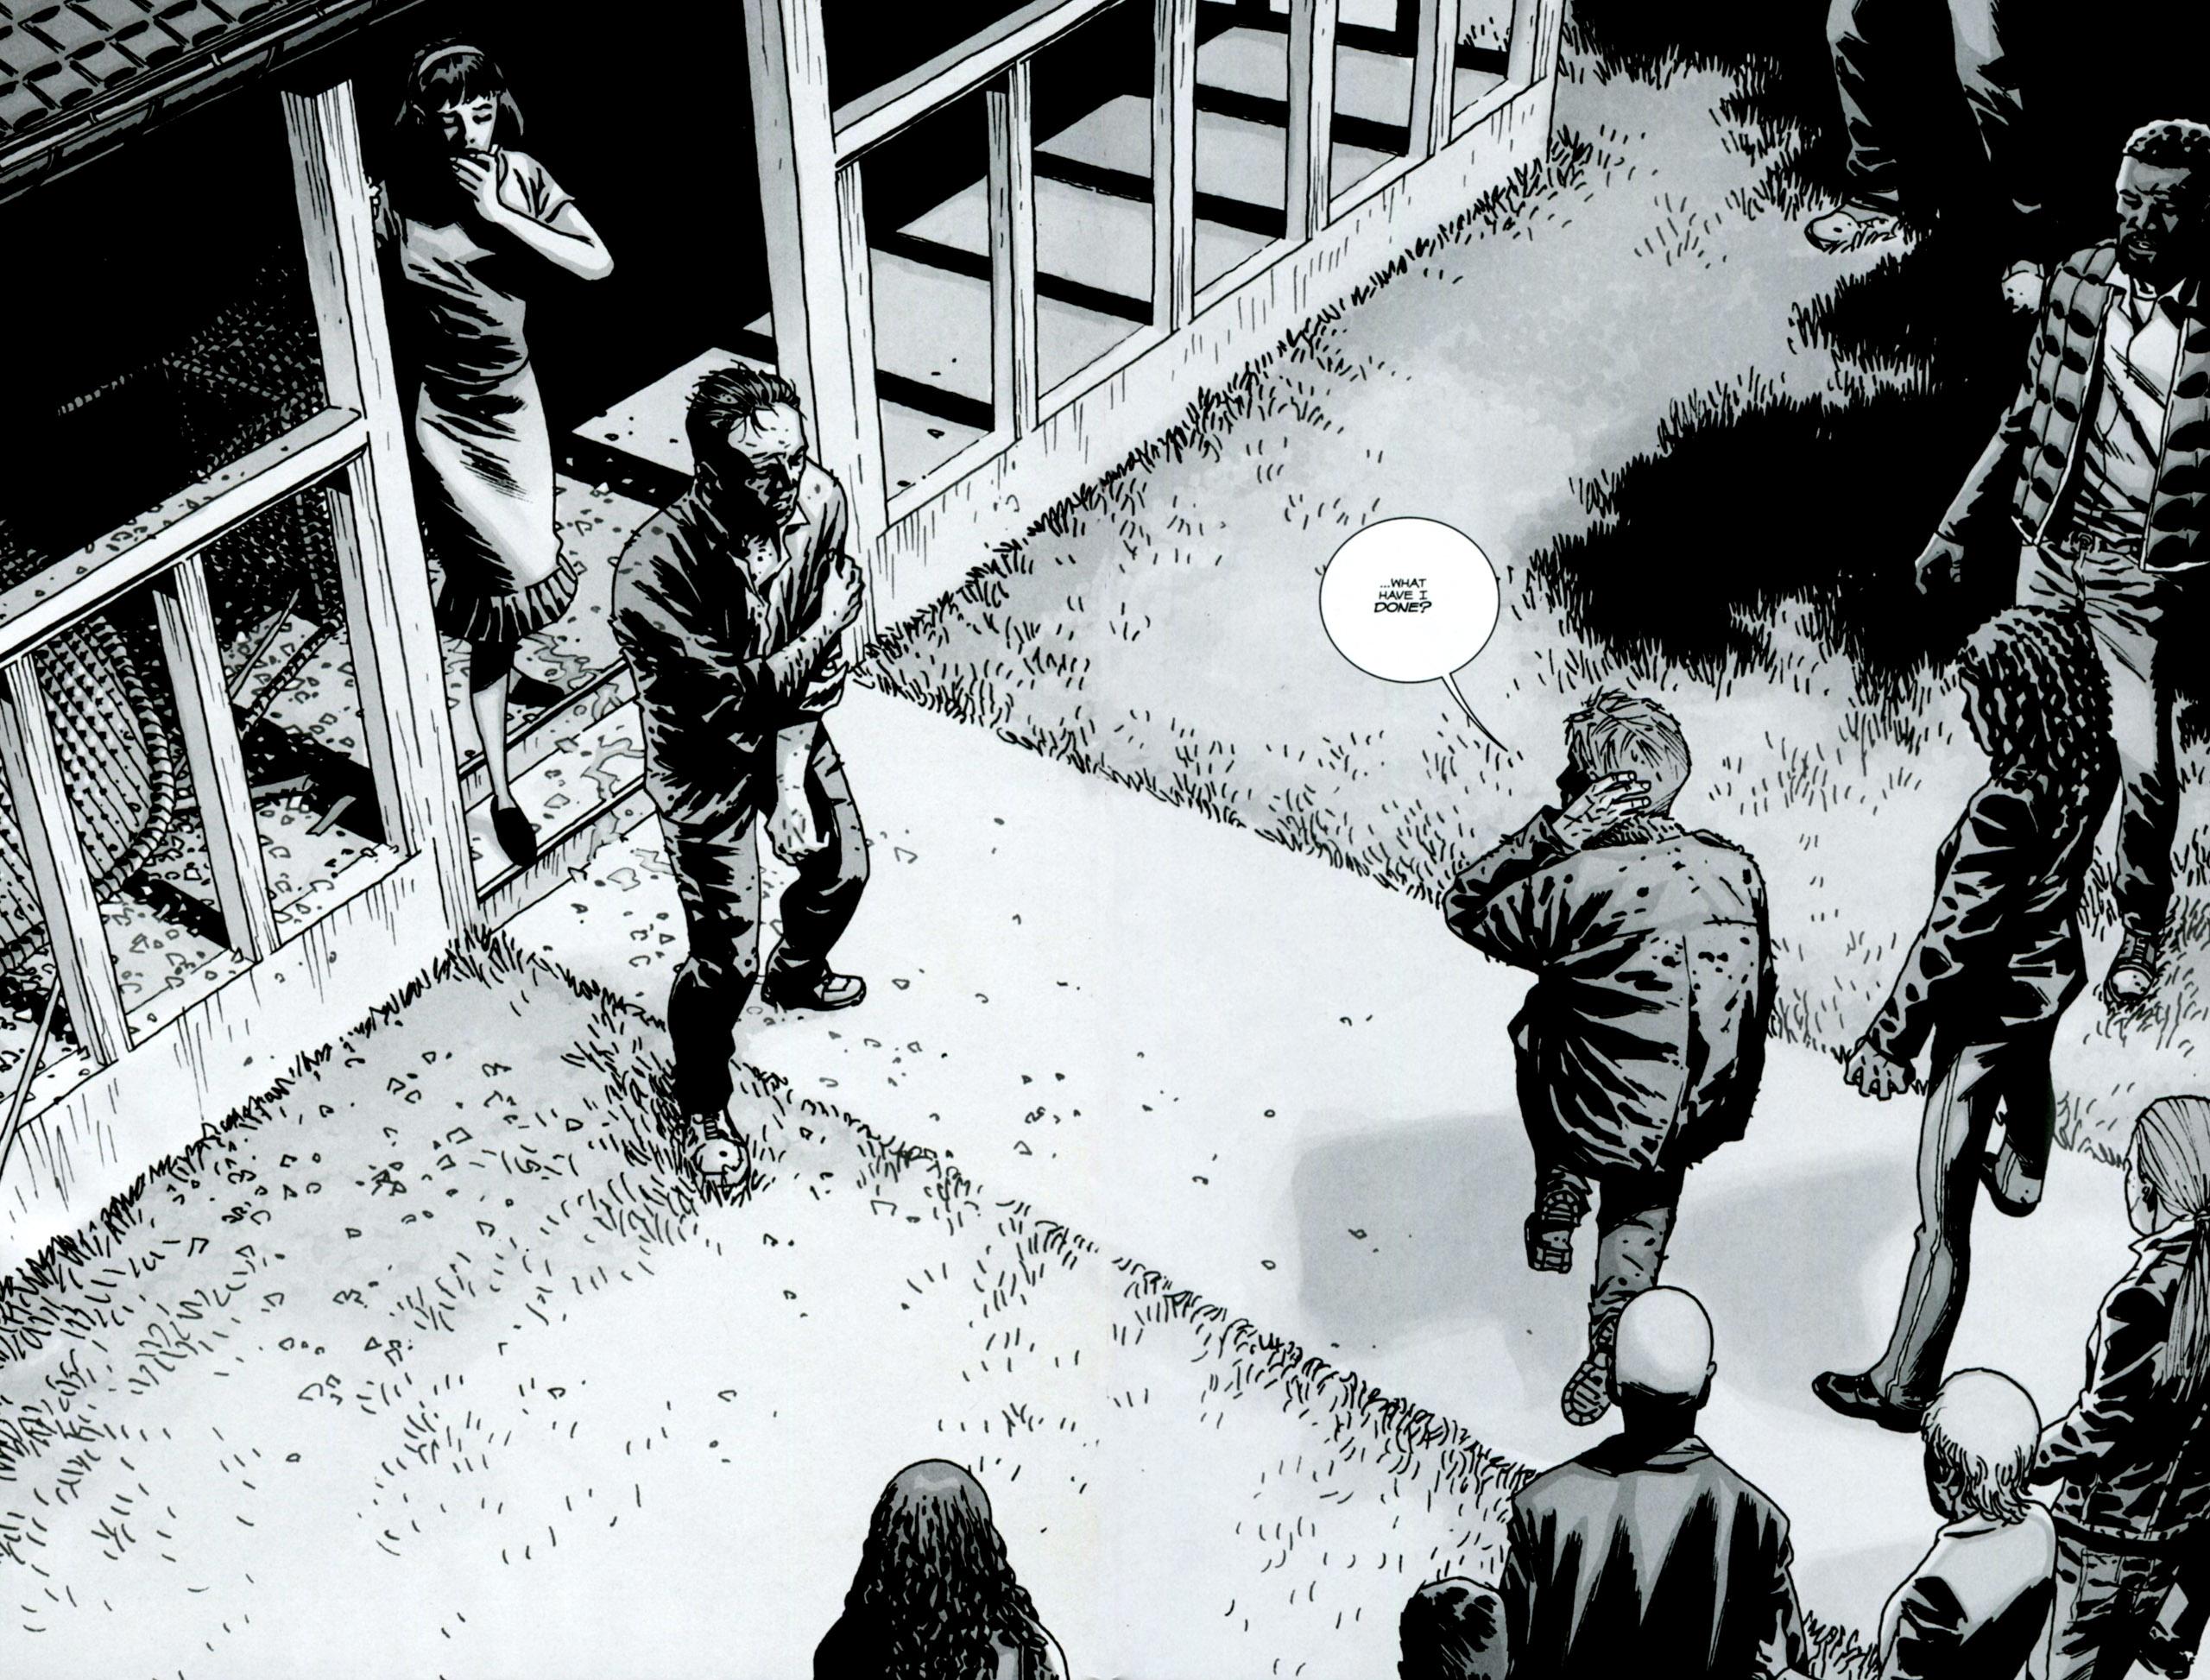 El Fondo De Pantalla Walking Dead Fondos De Pantalla Gratis: The Walking Dead Fondos De Pantalla, Fondos De Escritorio